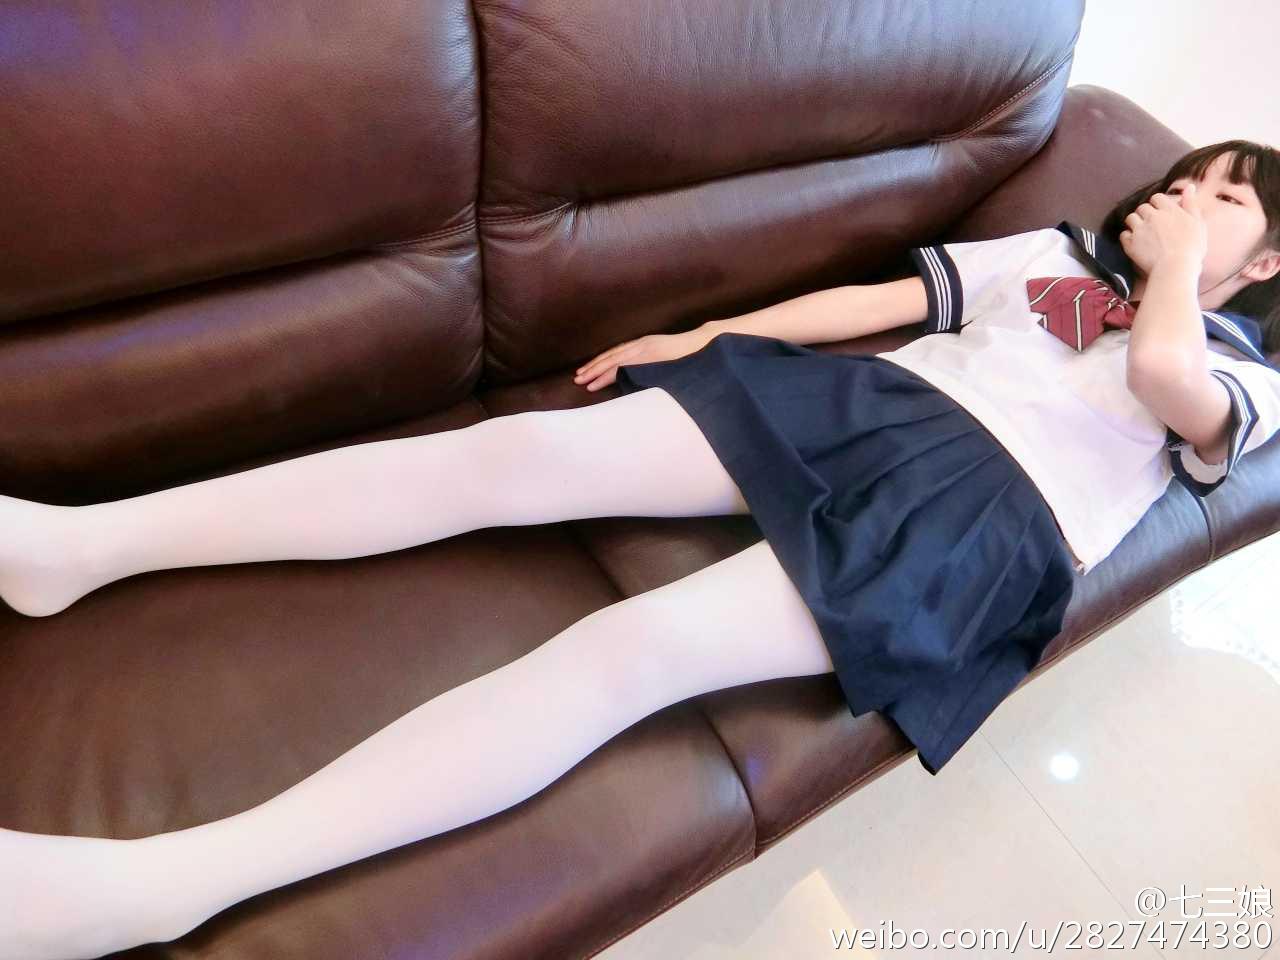 七三娘 今天的萌妹!!![doge]最后一张是动_美女福利图片(图3)